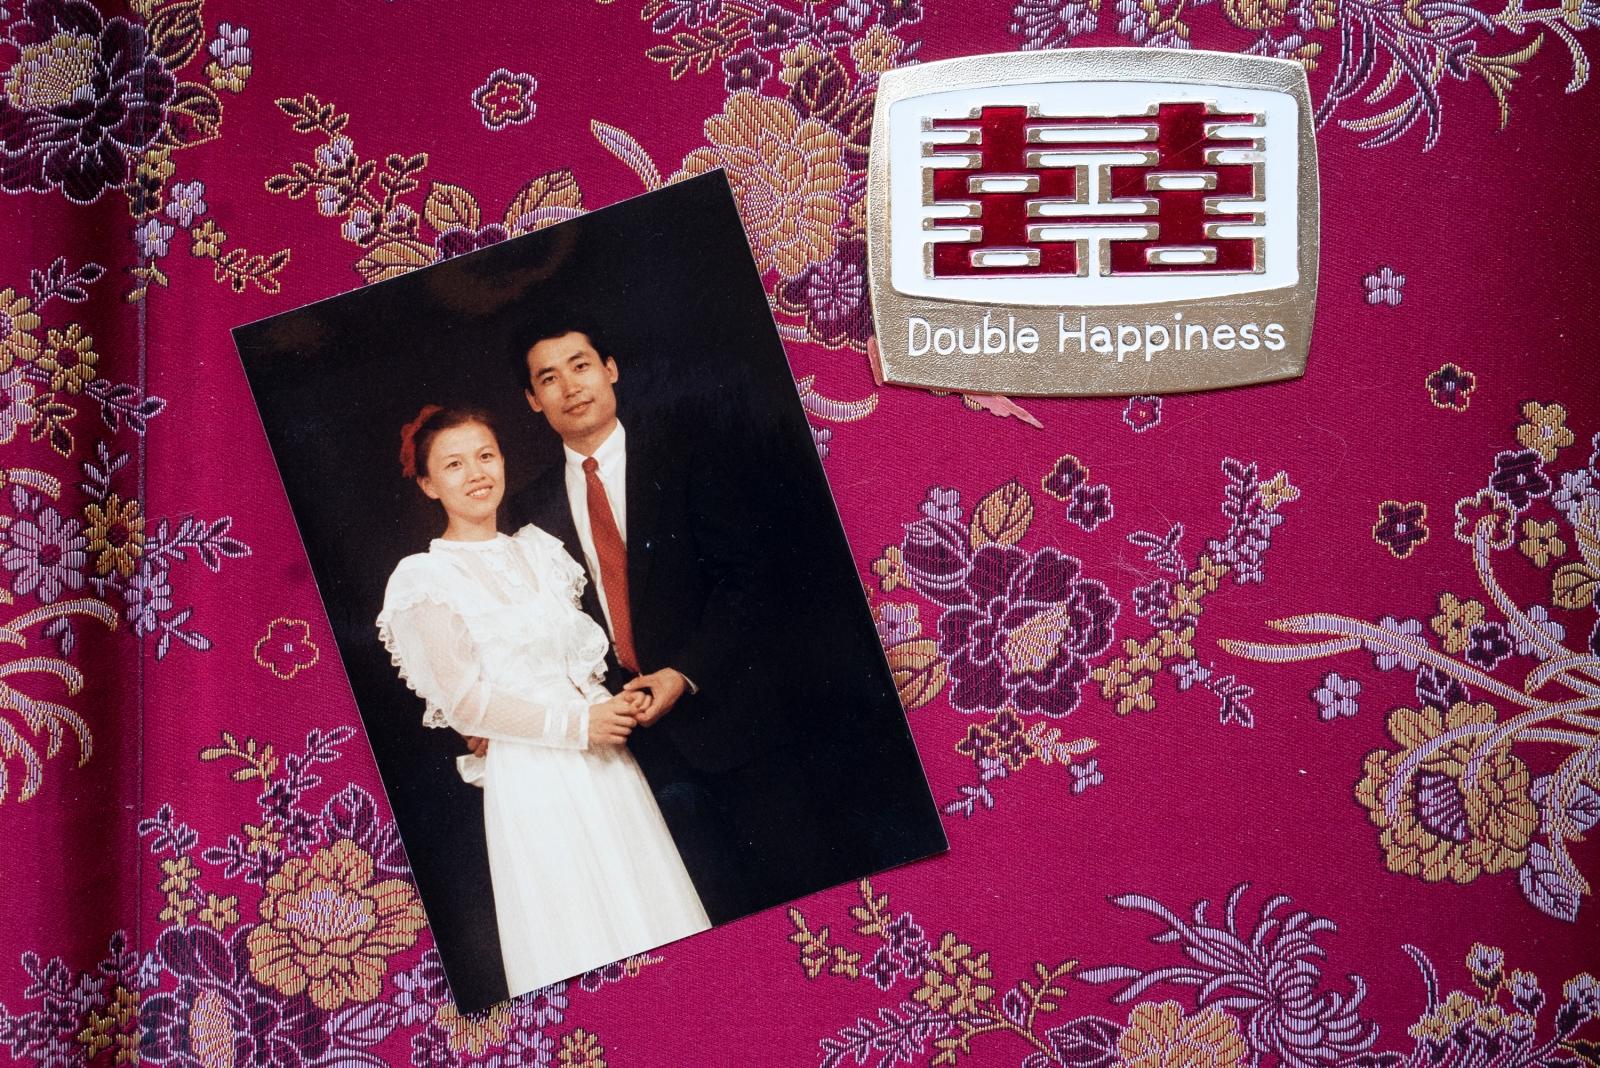 Pei and Zhang met in Beijing, and married in 1984.